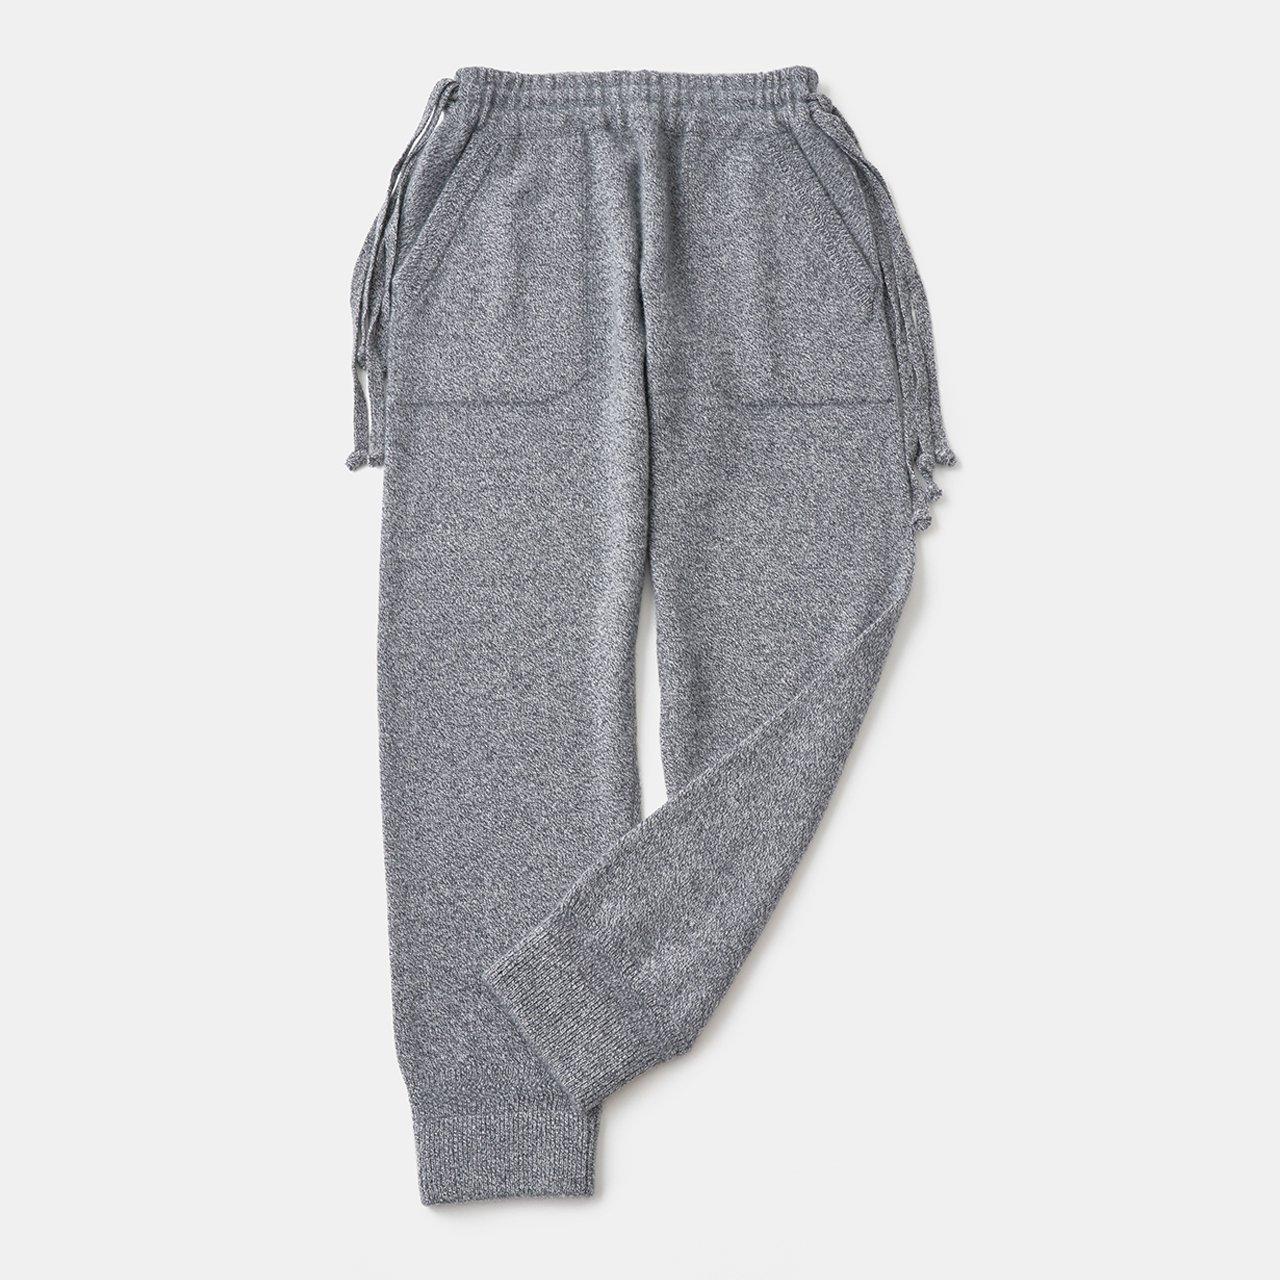 CASHMERE Middle gauge Pants<BR>GRAY MELANGE